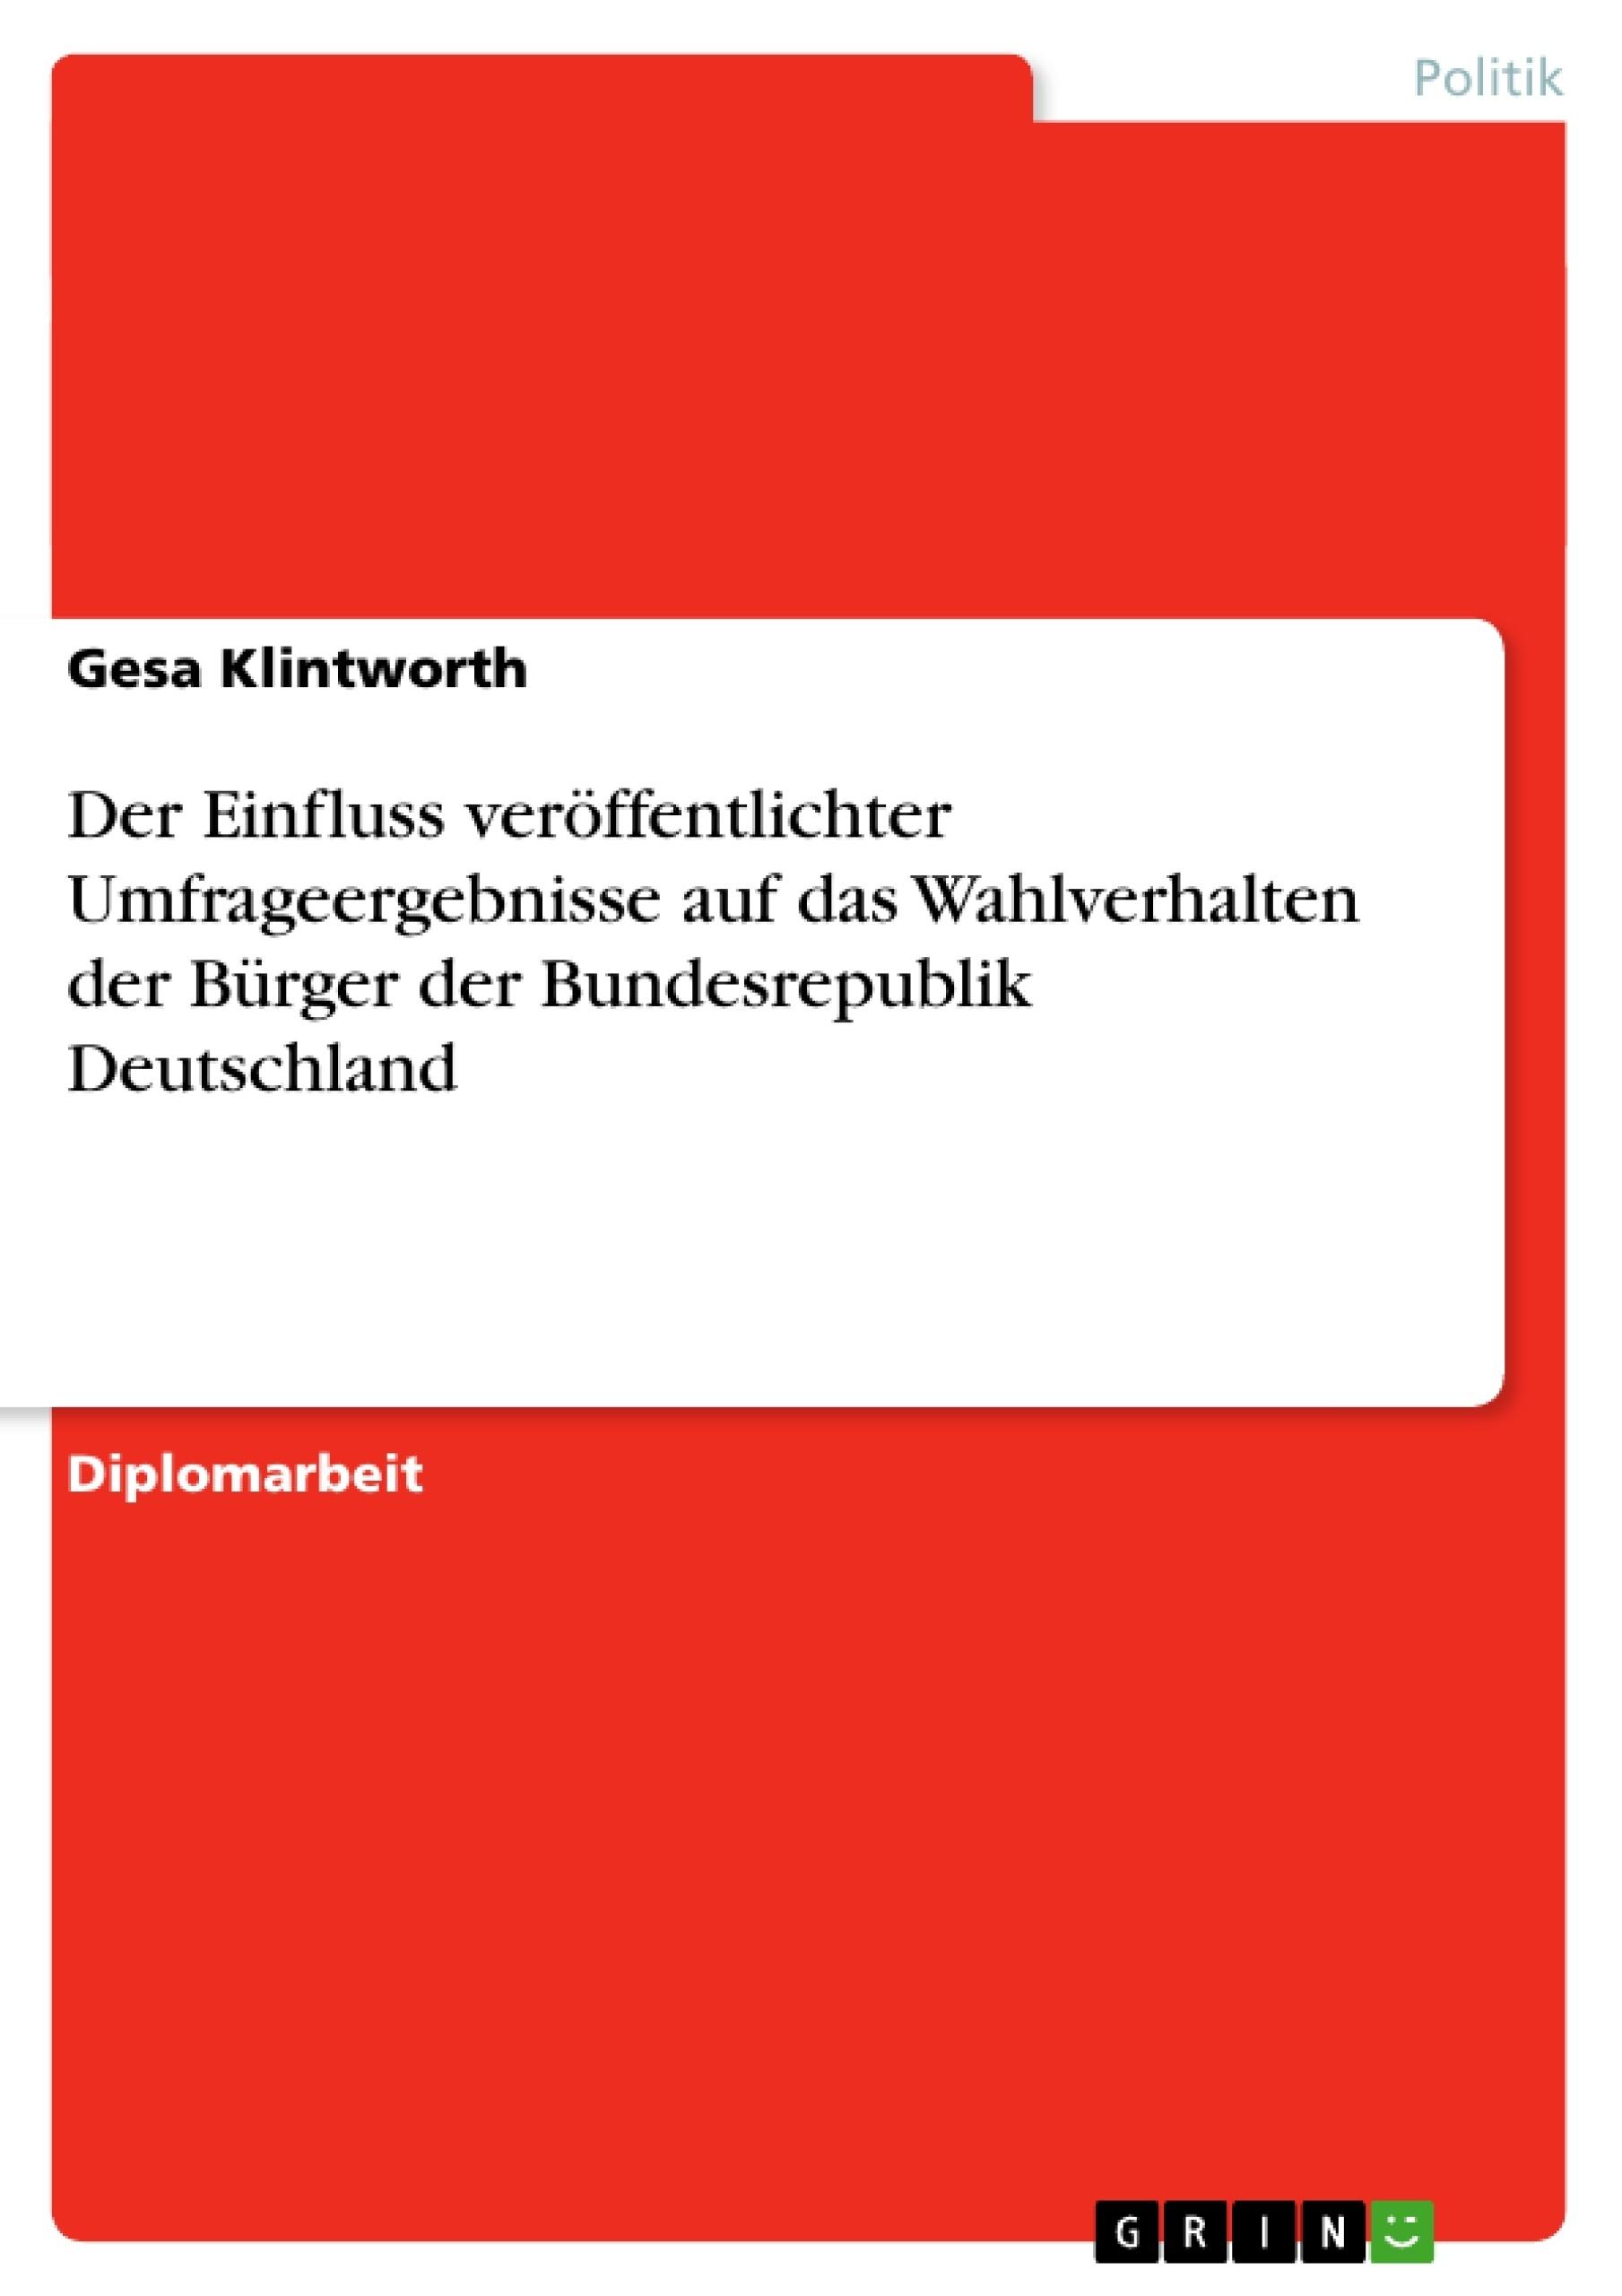 Titel: Der Einfluss veröffentlichter Umfrageergebnisse auf das Wahlverhalten der Bürger der Bundesrepublik Deutschland